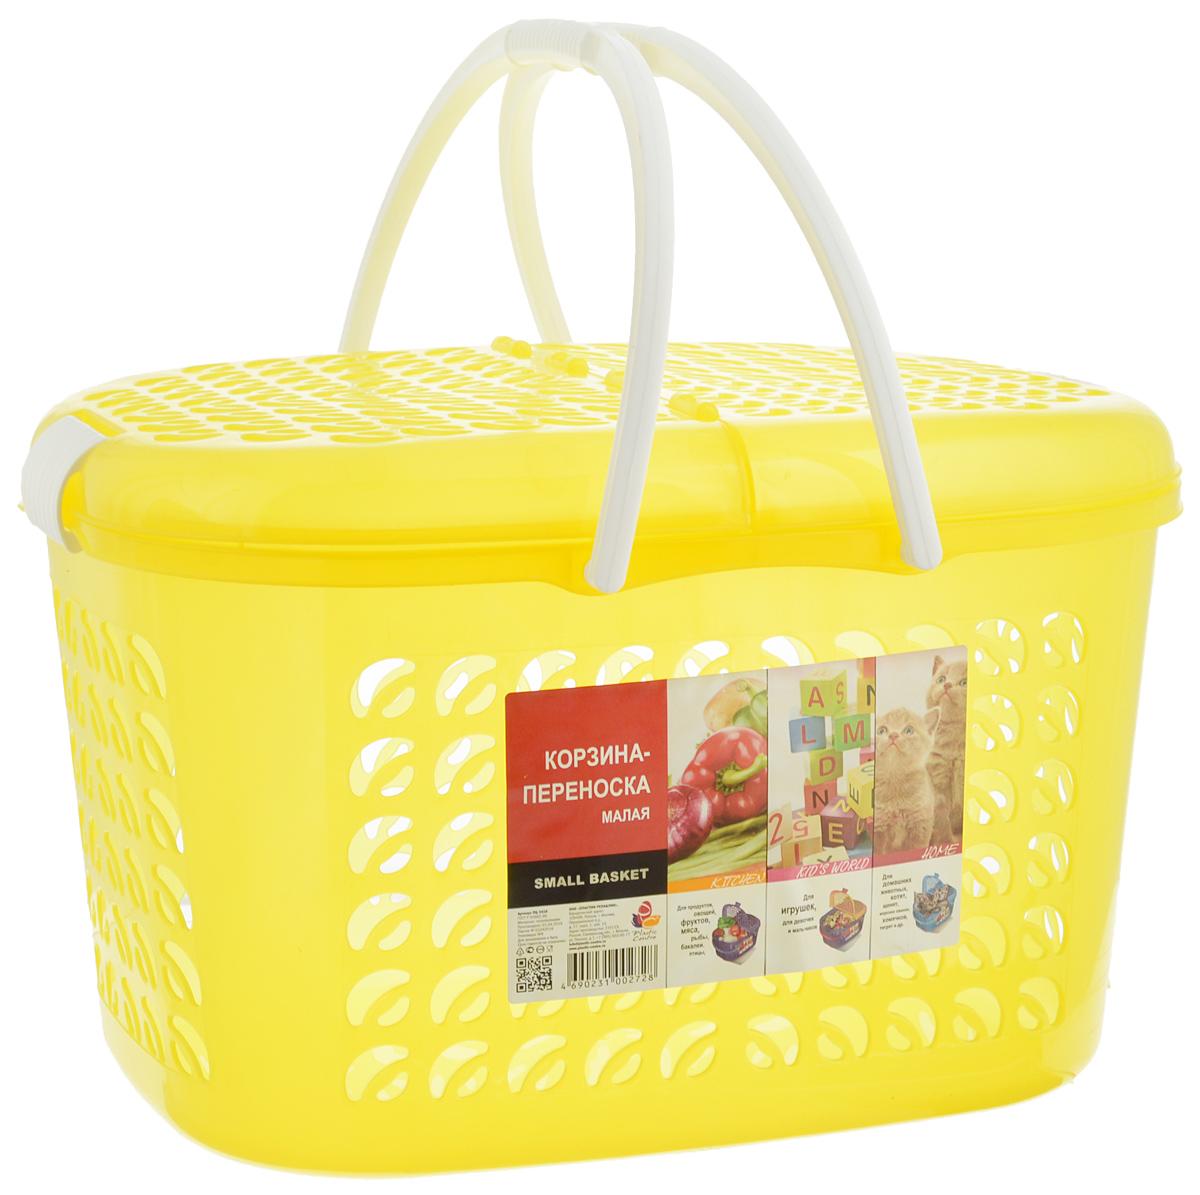 Корзина-переноска Plastic Centre, цвет: желтый, белый, 37 х 27,5 х 23 смМ 1242_желтыйКорзина-переноска Plastic Centre выполнена из прочного пластика. Корзина прекрасно подойдет для хранения продуктов, детских игрушек или переноски небольших домашних животных. На стенках и крышке расположены фигурные отверстия, дно сплошное. Оснащена двумя пластиковыми ручками, крышкой, открывающейся с двух сторон, и крепкими защелками.Размер корзины (с учетом крышки, без учета ручек): 37 х 27,5 х 23 см.